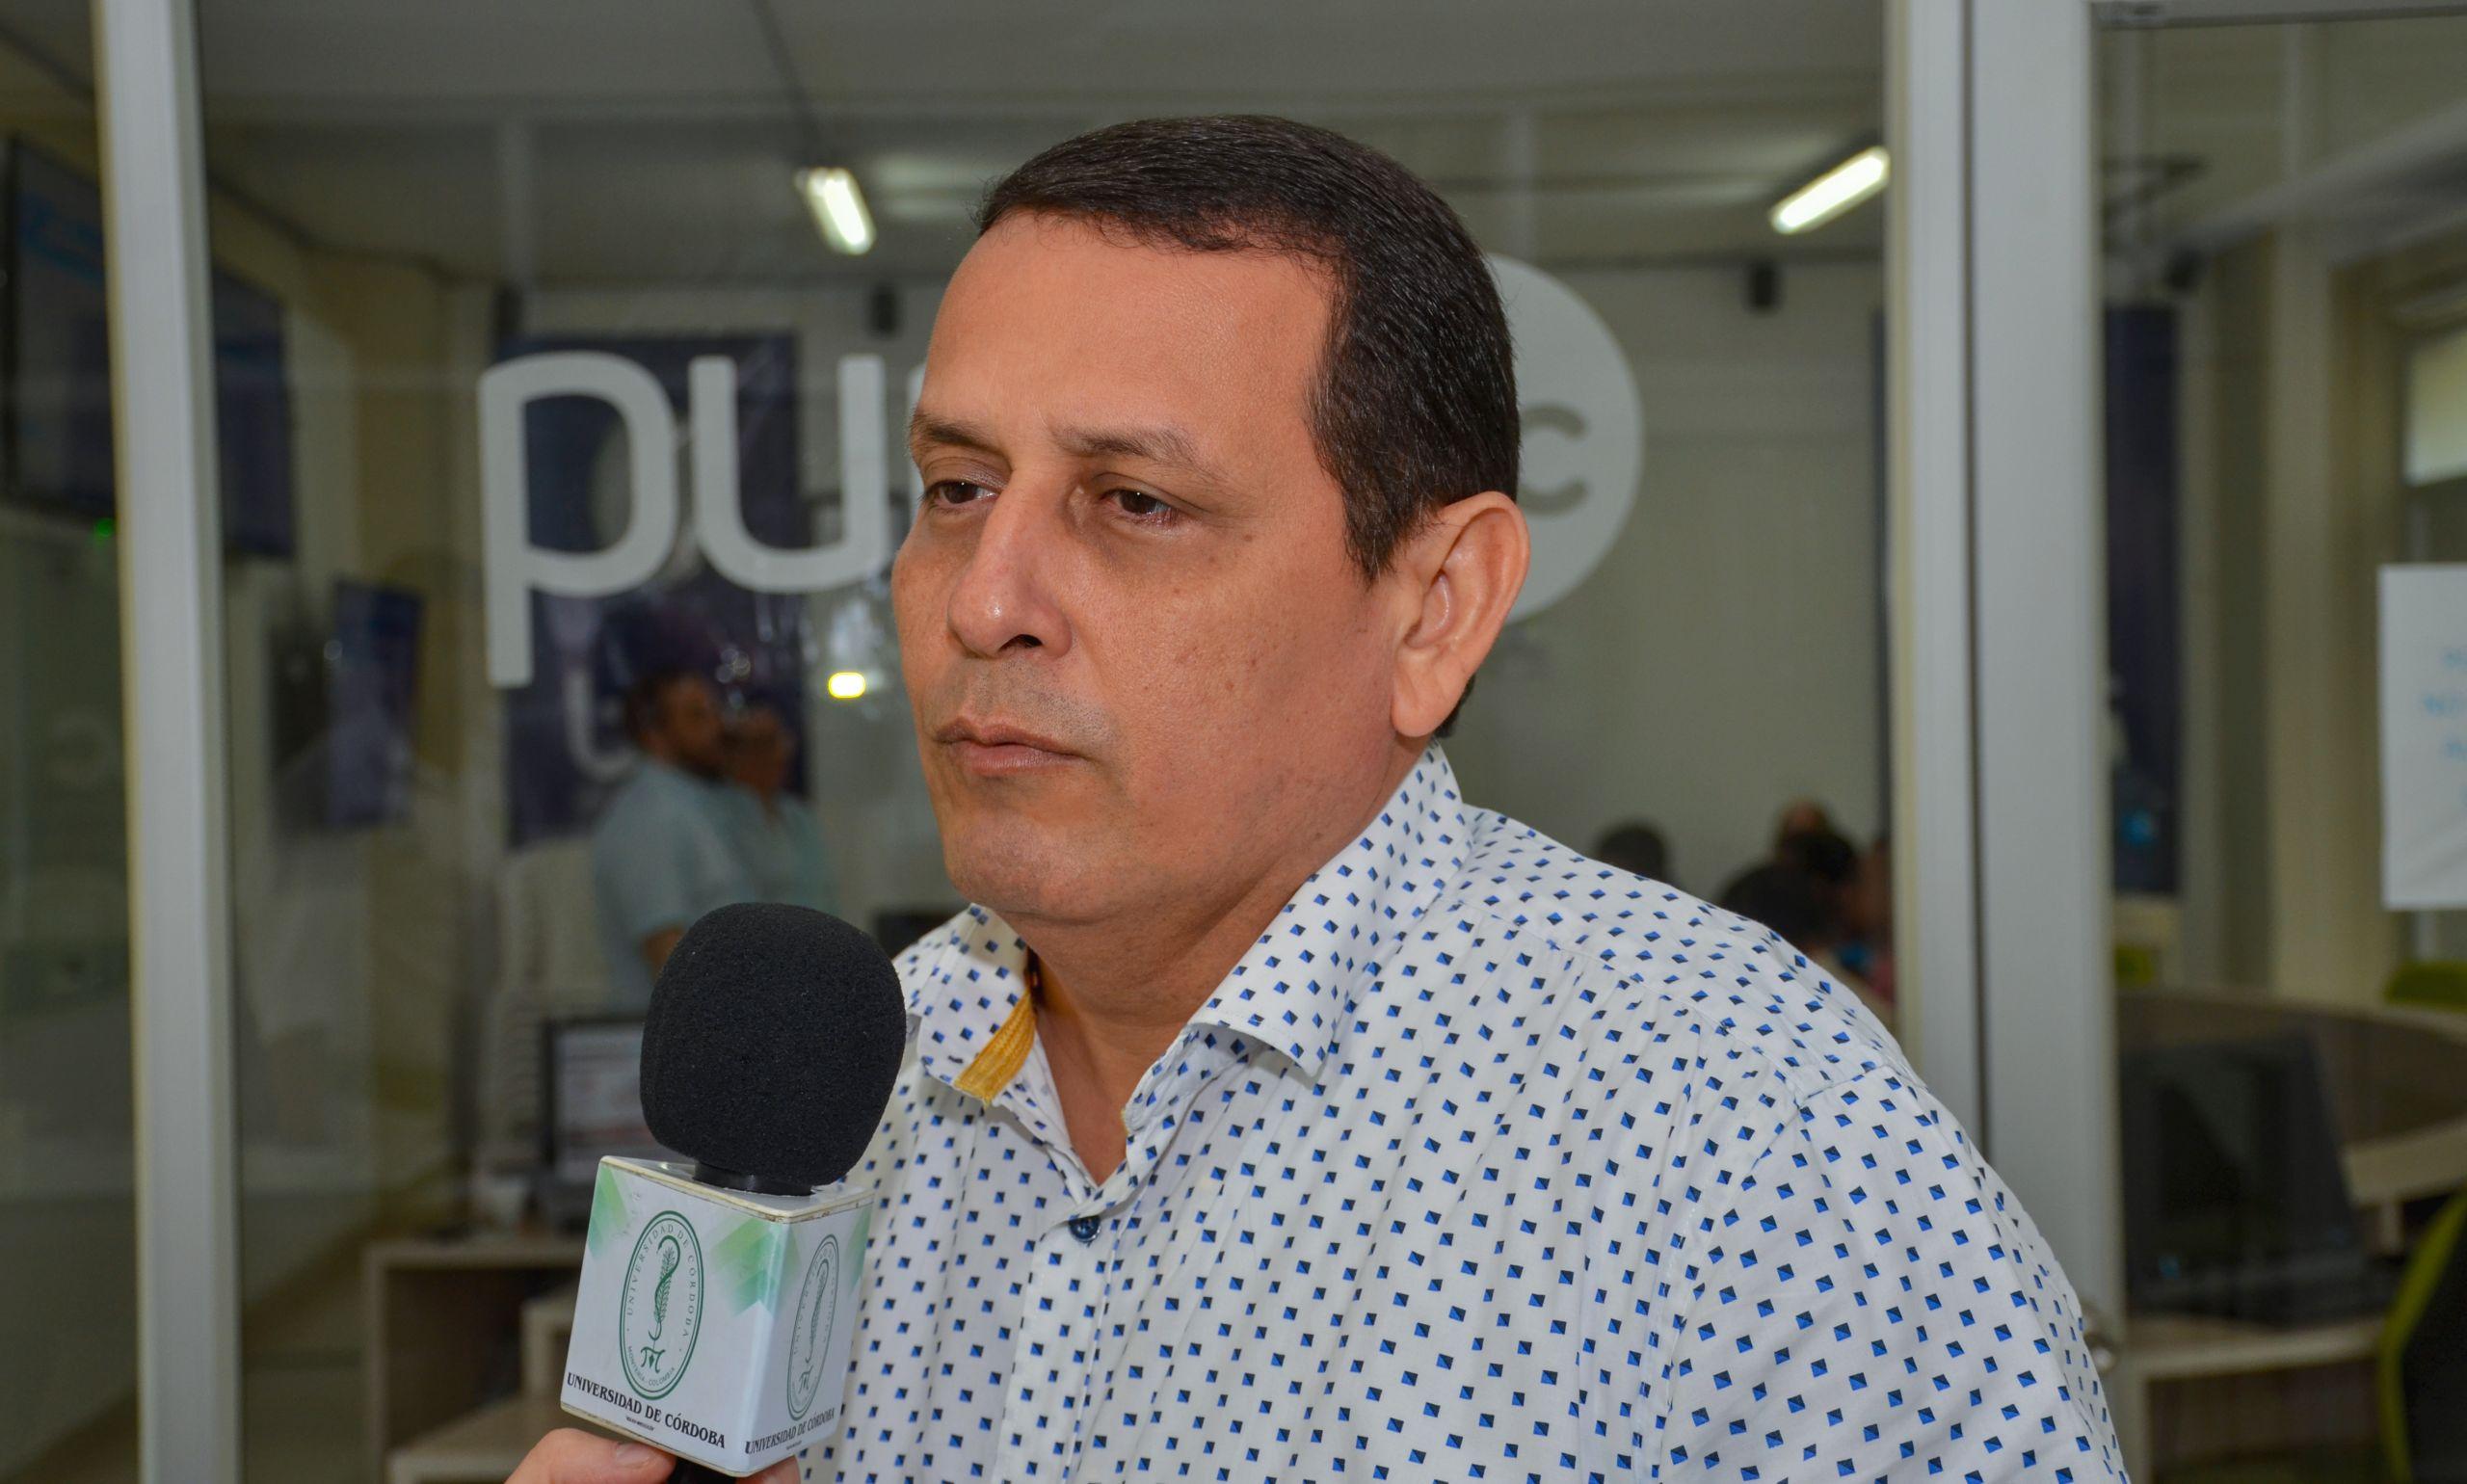 Giovanni Argel Fuentes, decano de la Facultad de Ciencias Económicas, Jurídicas y Administrativas de Unicórdoba.